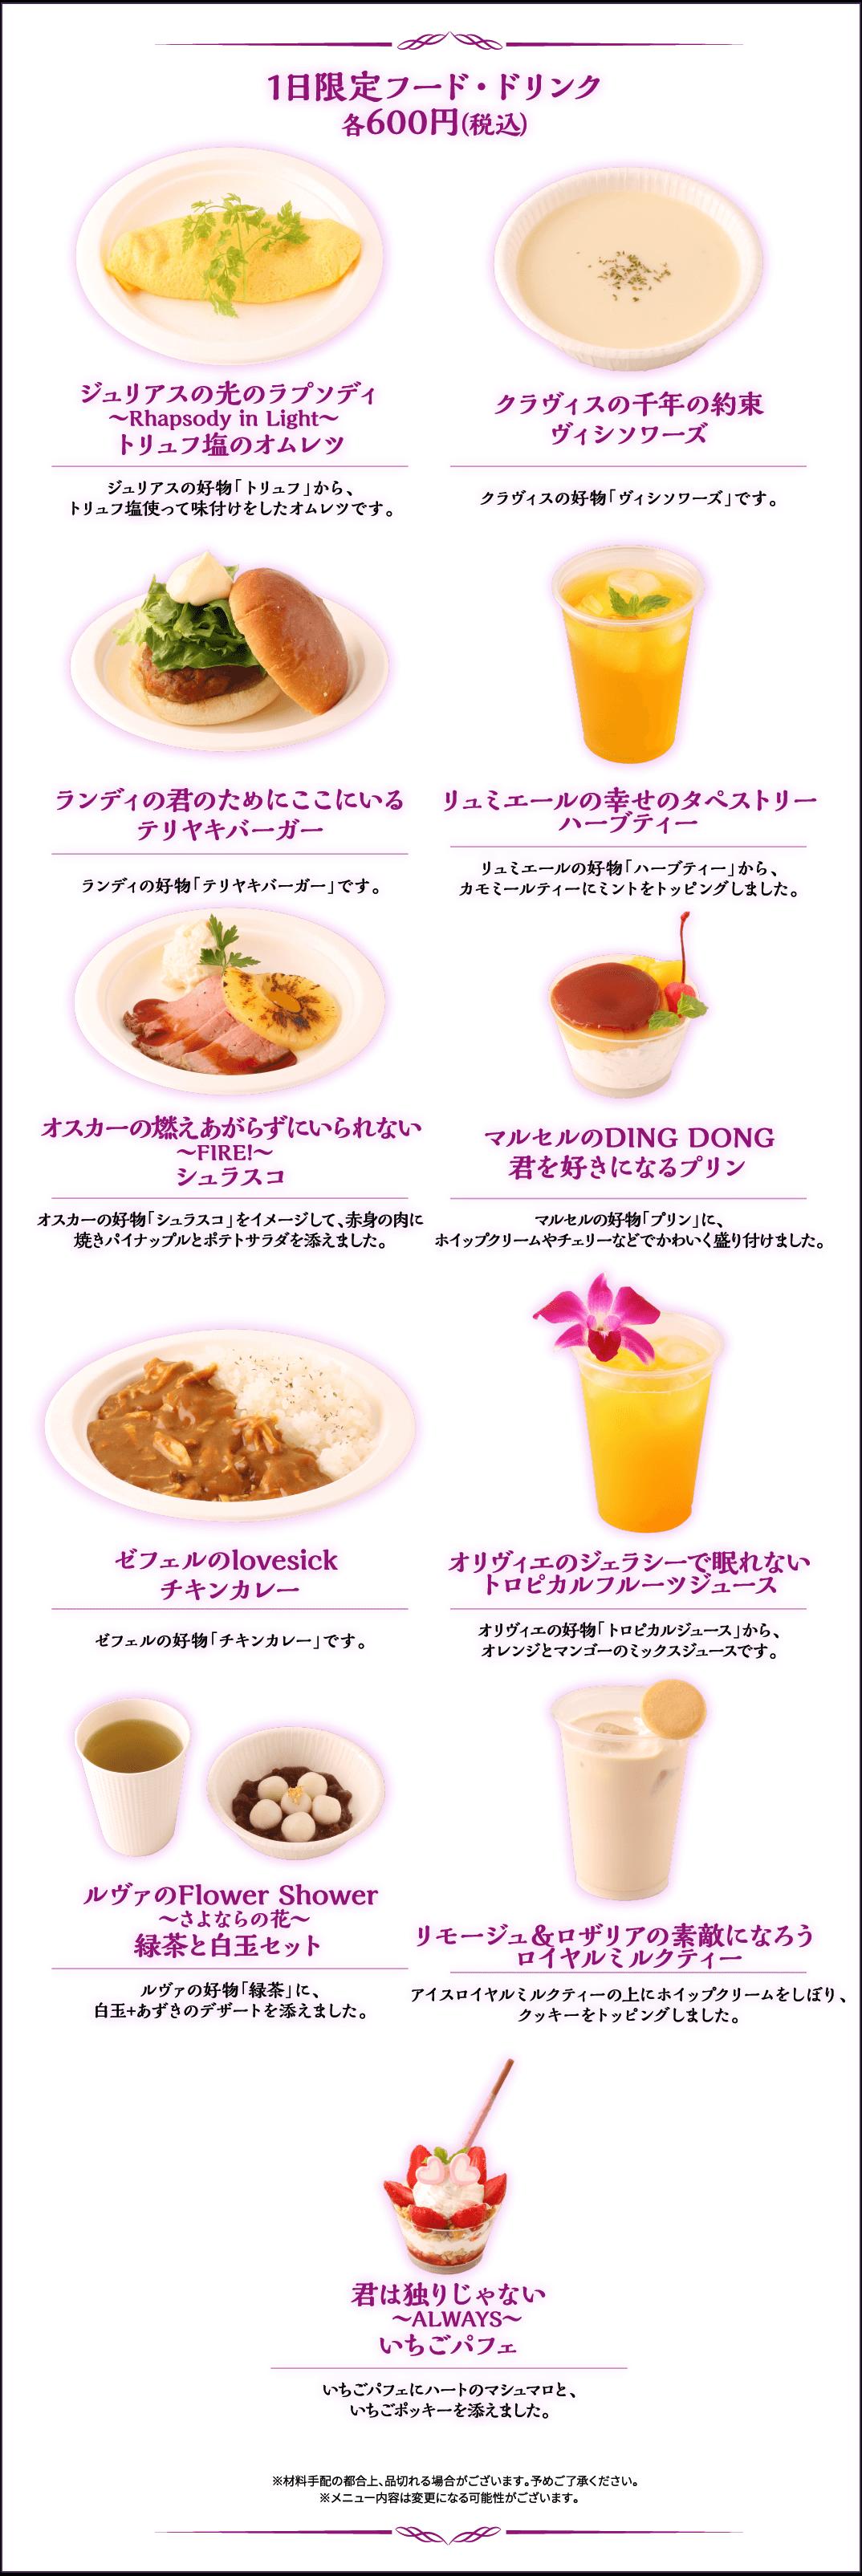 KT(ケーティー)カフェ×アンジェリーク メモワール2019 メニュー